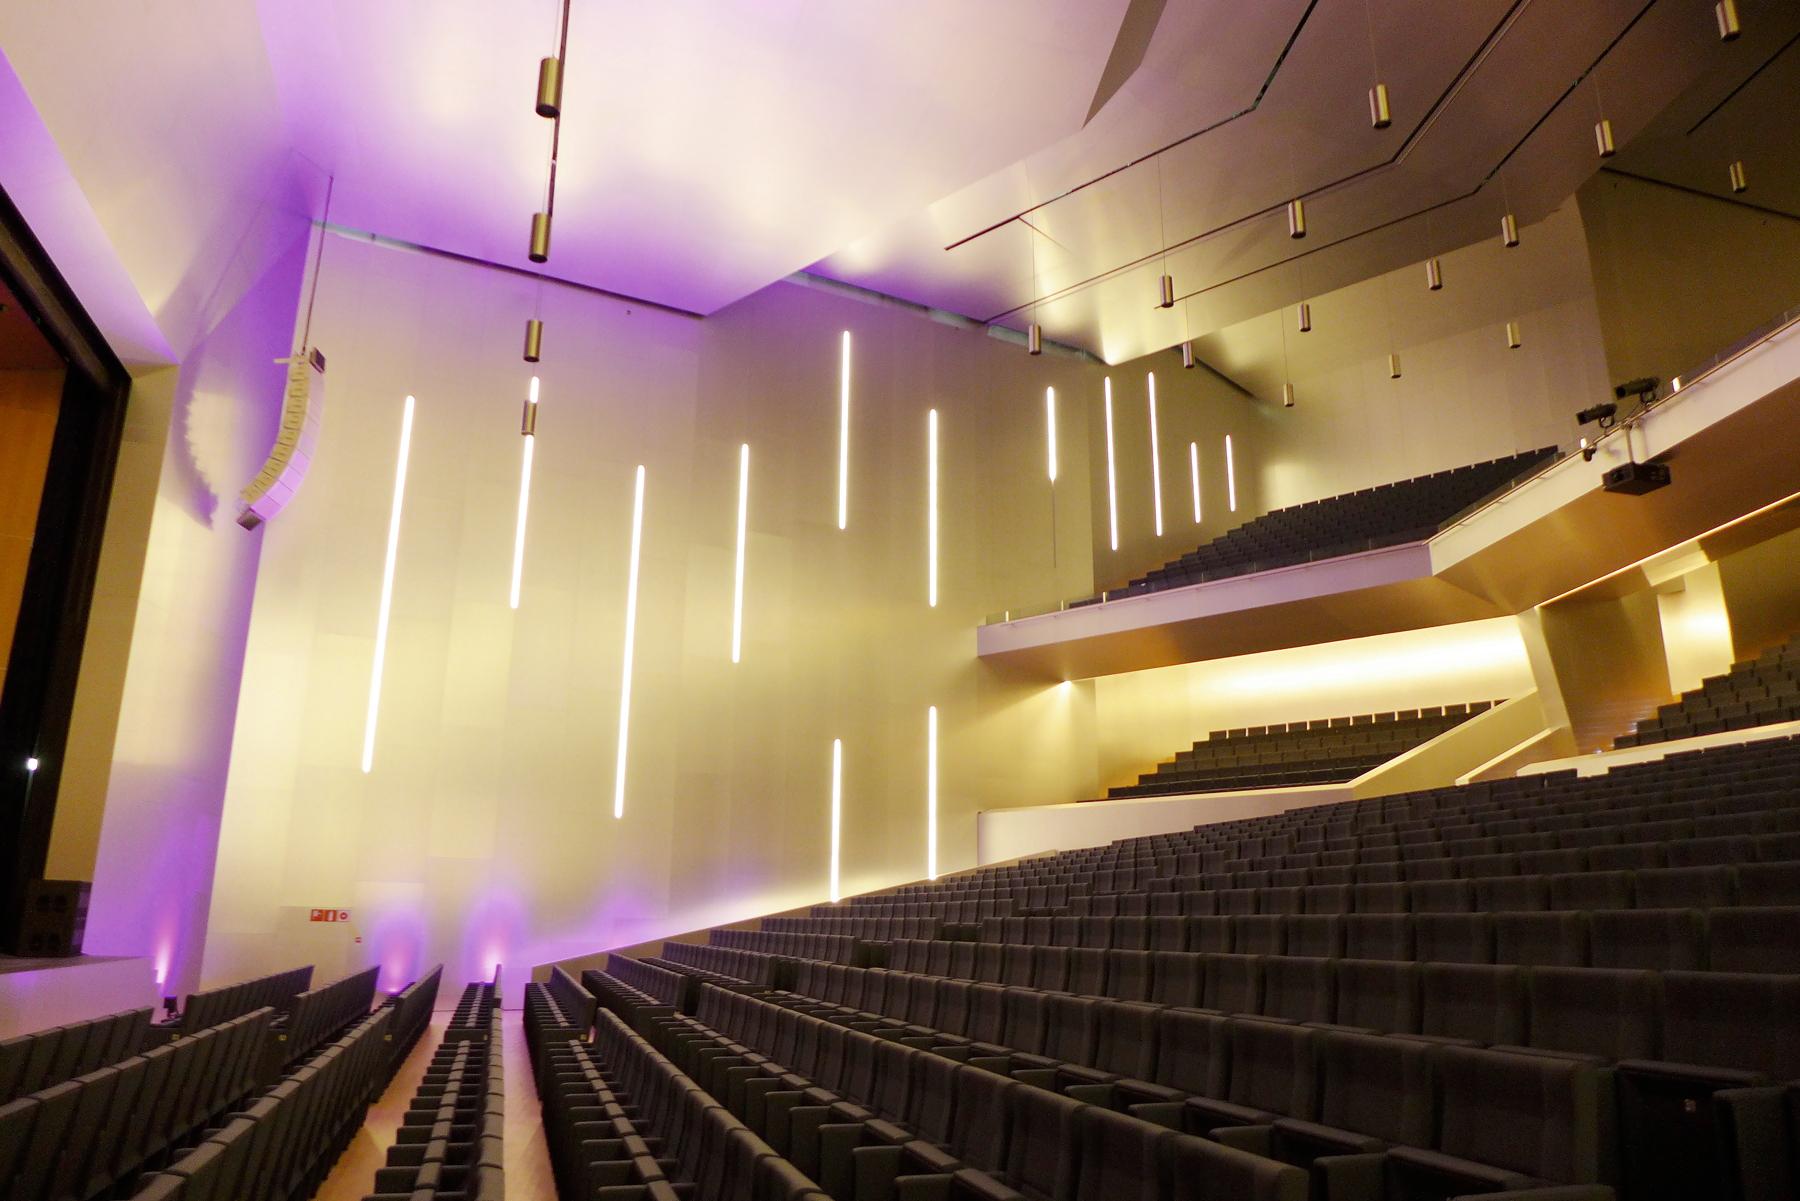 Die Architektur spielt außergewöhnlich mit Raum, Material und Licht // Fotos © myilands